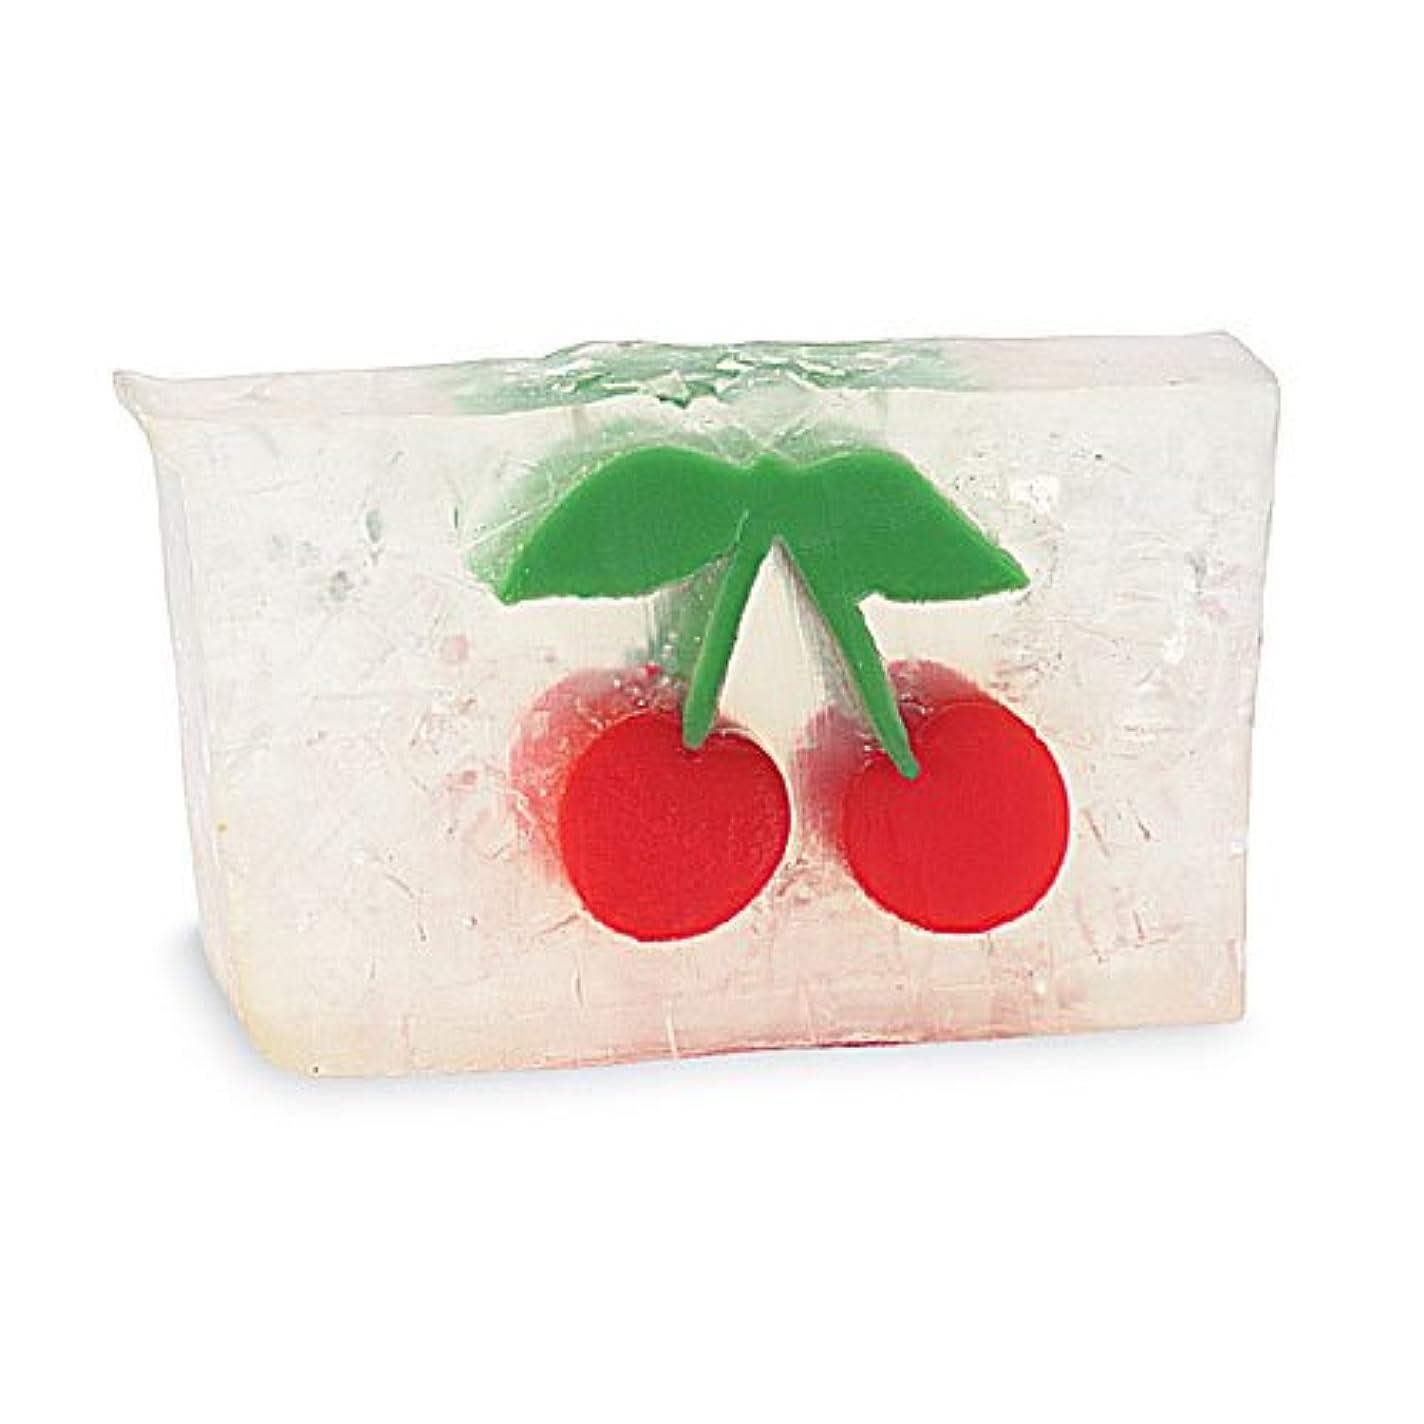 気づかない和変換プライモールエレメンツ アロマティック ソープ チェリー 180g 植物性 ナチュラル 石鹸 無添加